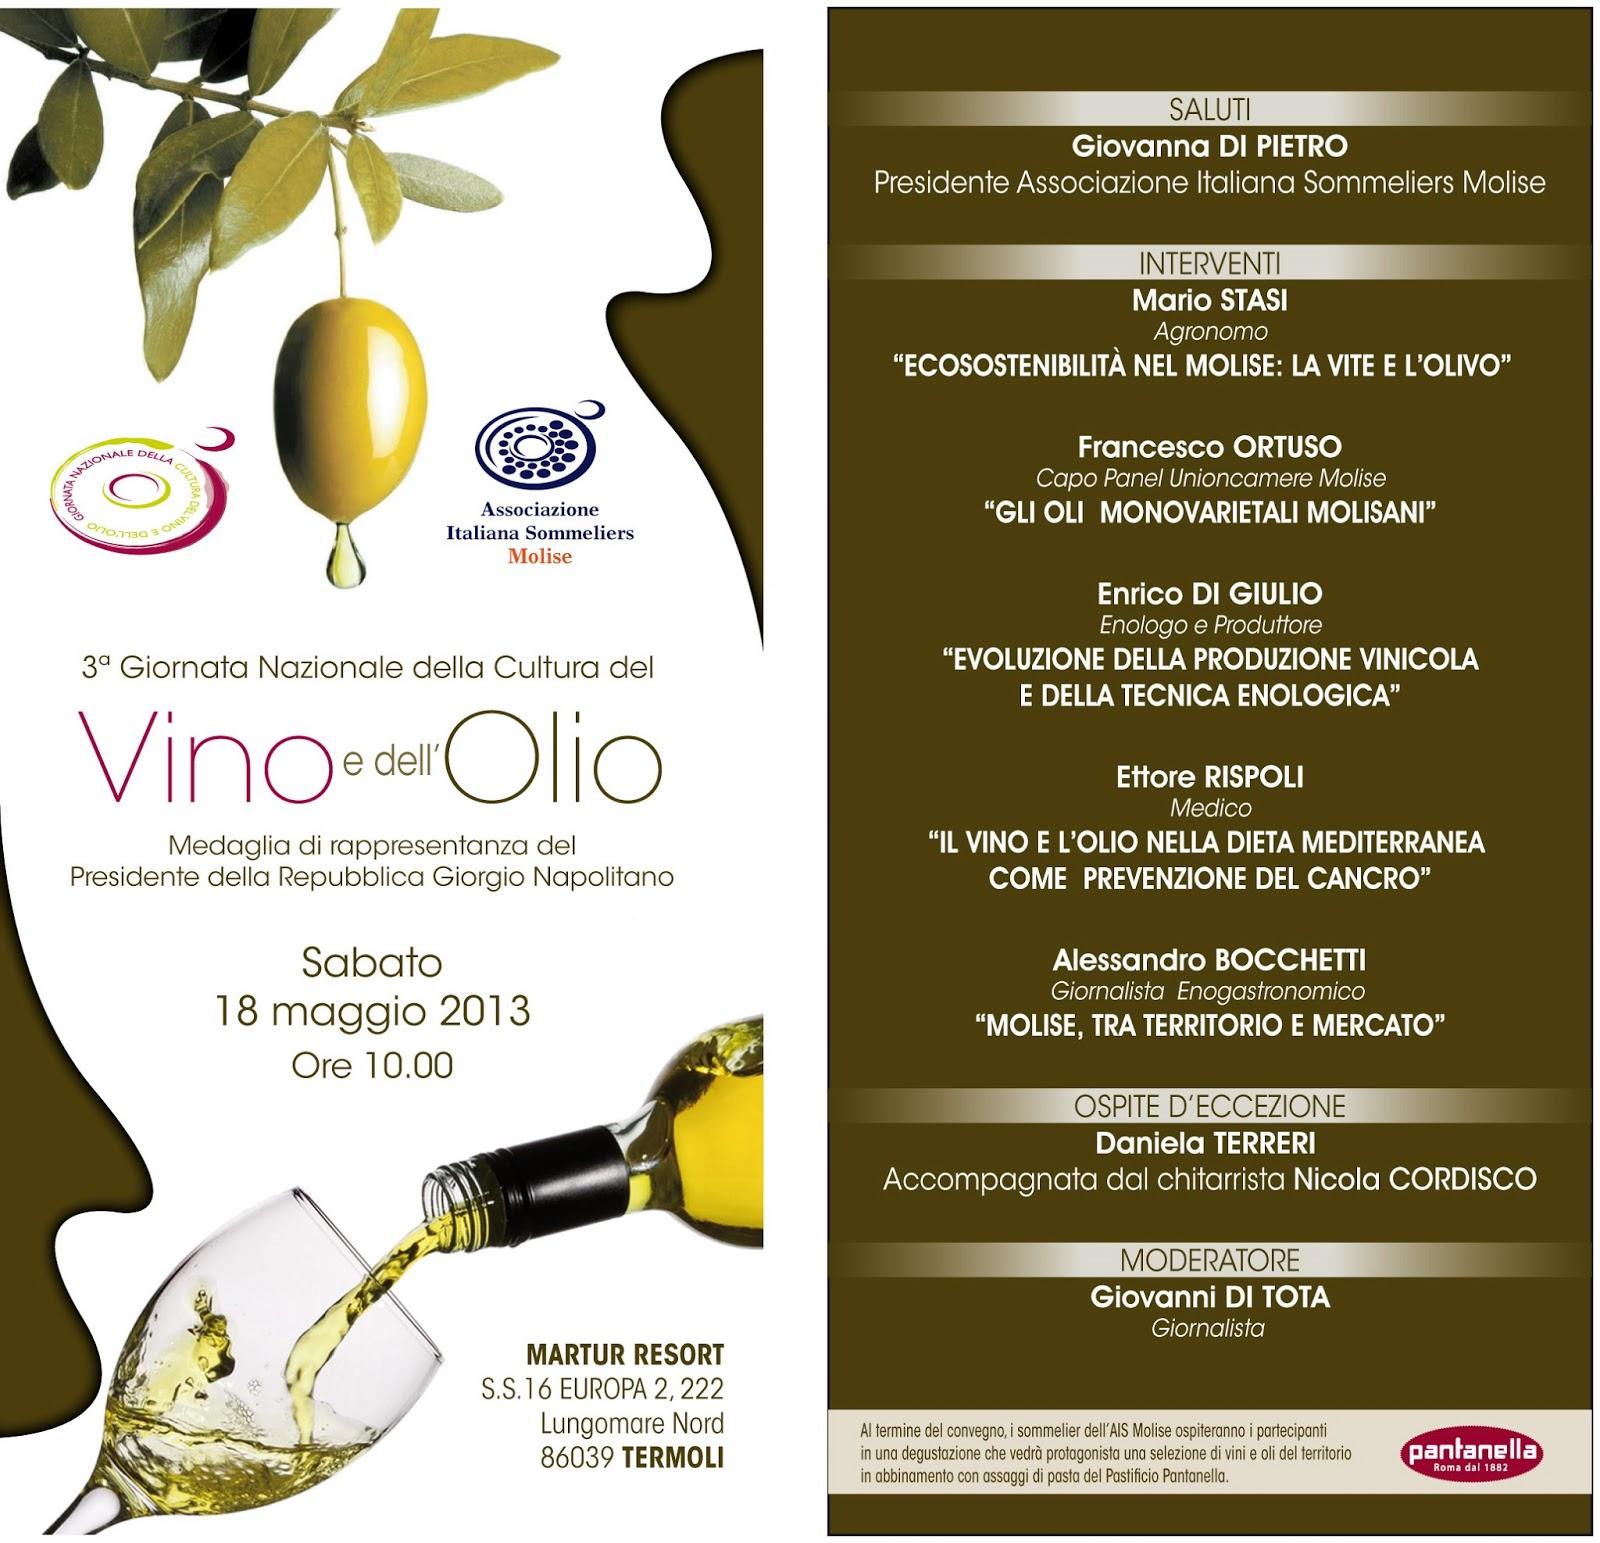 Giornata-Nazionale-della-cultura-del-Vino-e-dellolio-2013-10